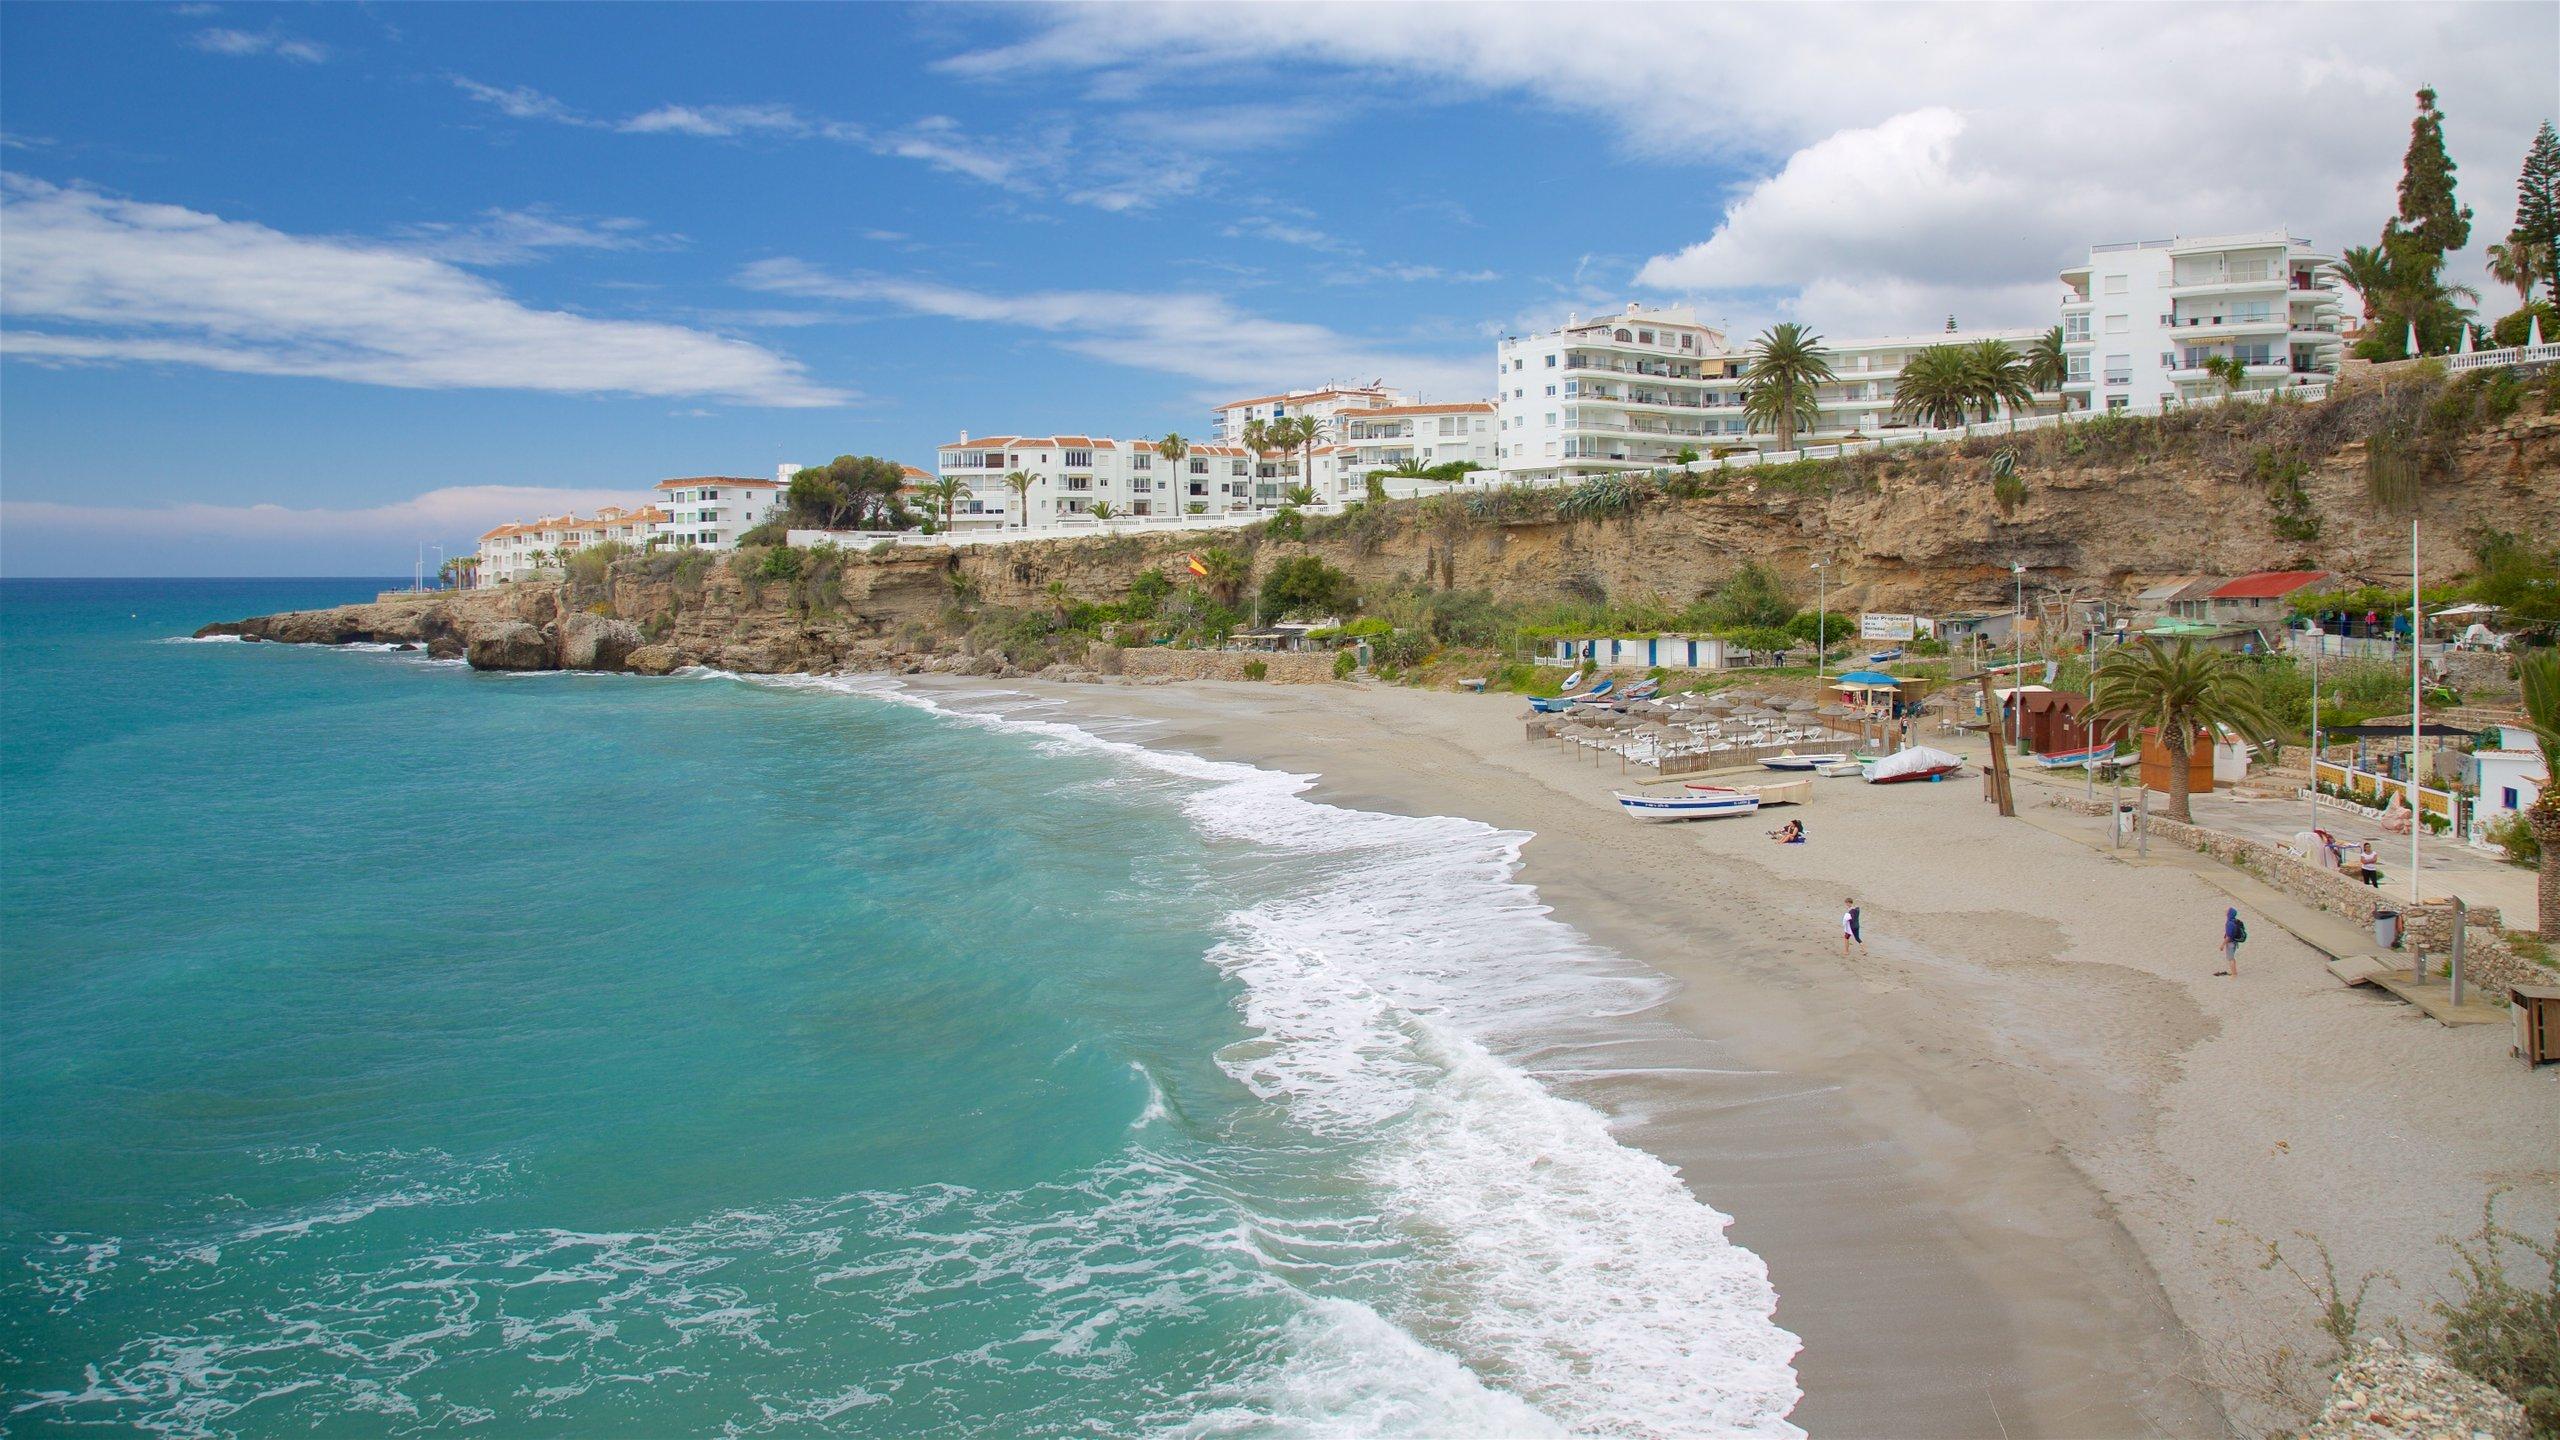 Évitez les foules touristiques et nagez dans l'eau sereine de cette charmante plage nichée dans l'ombre du Balcón de Europa.